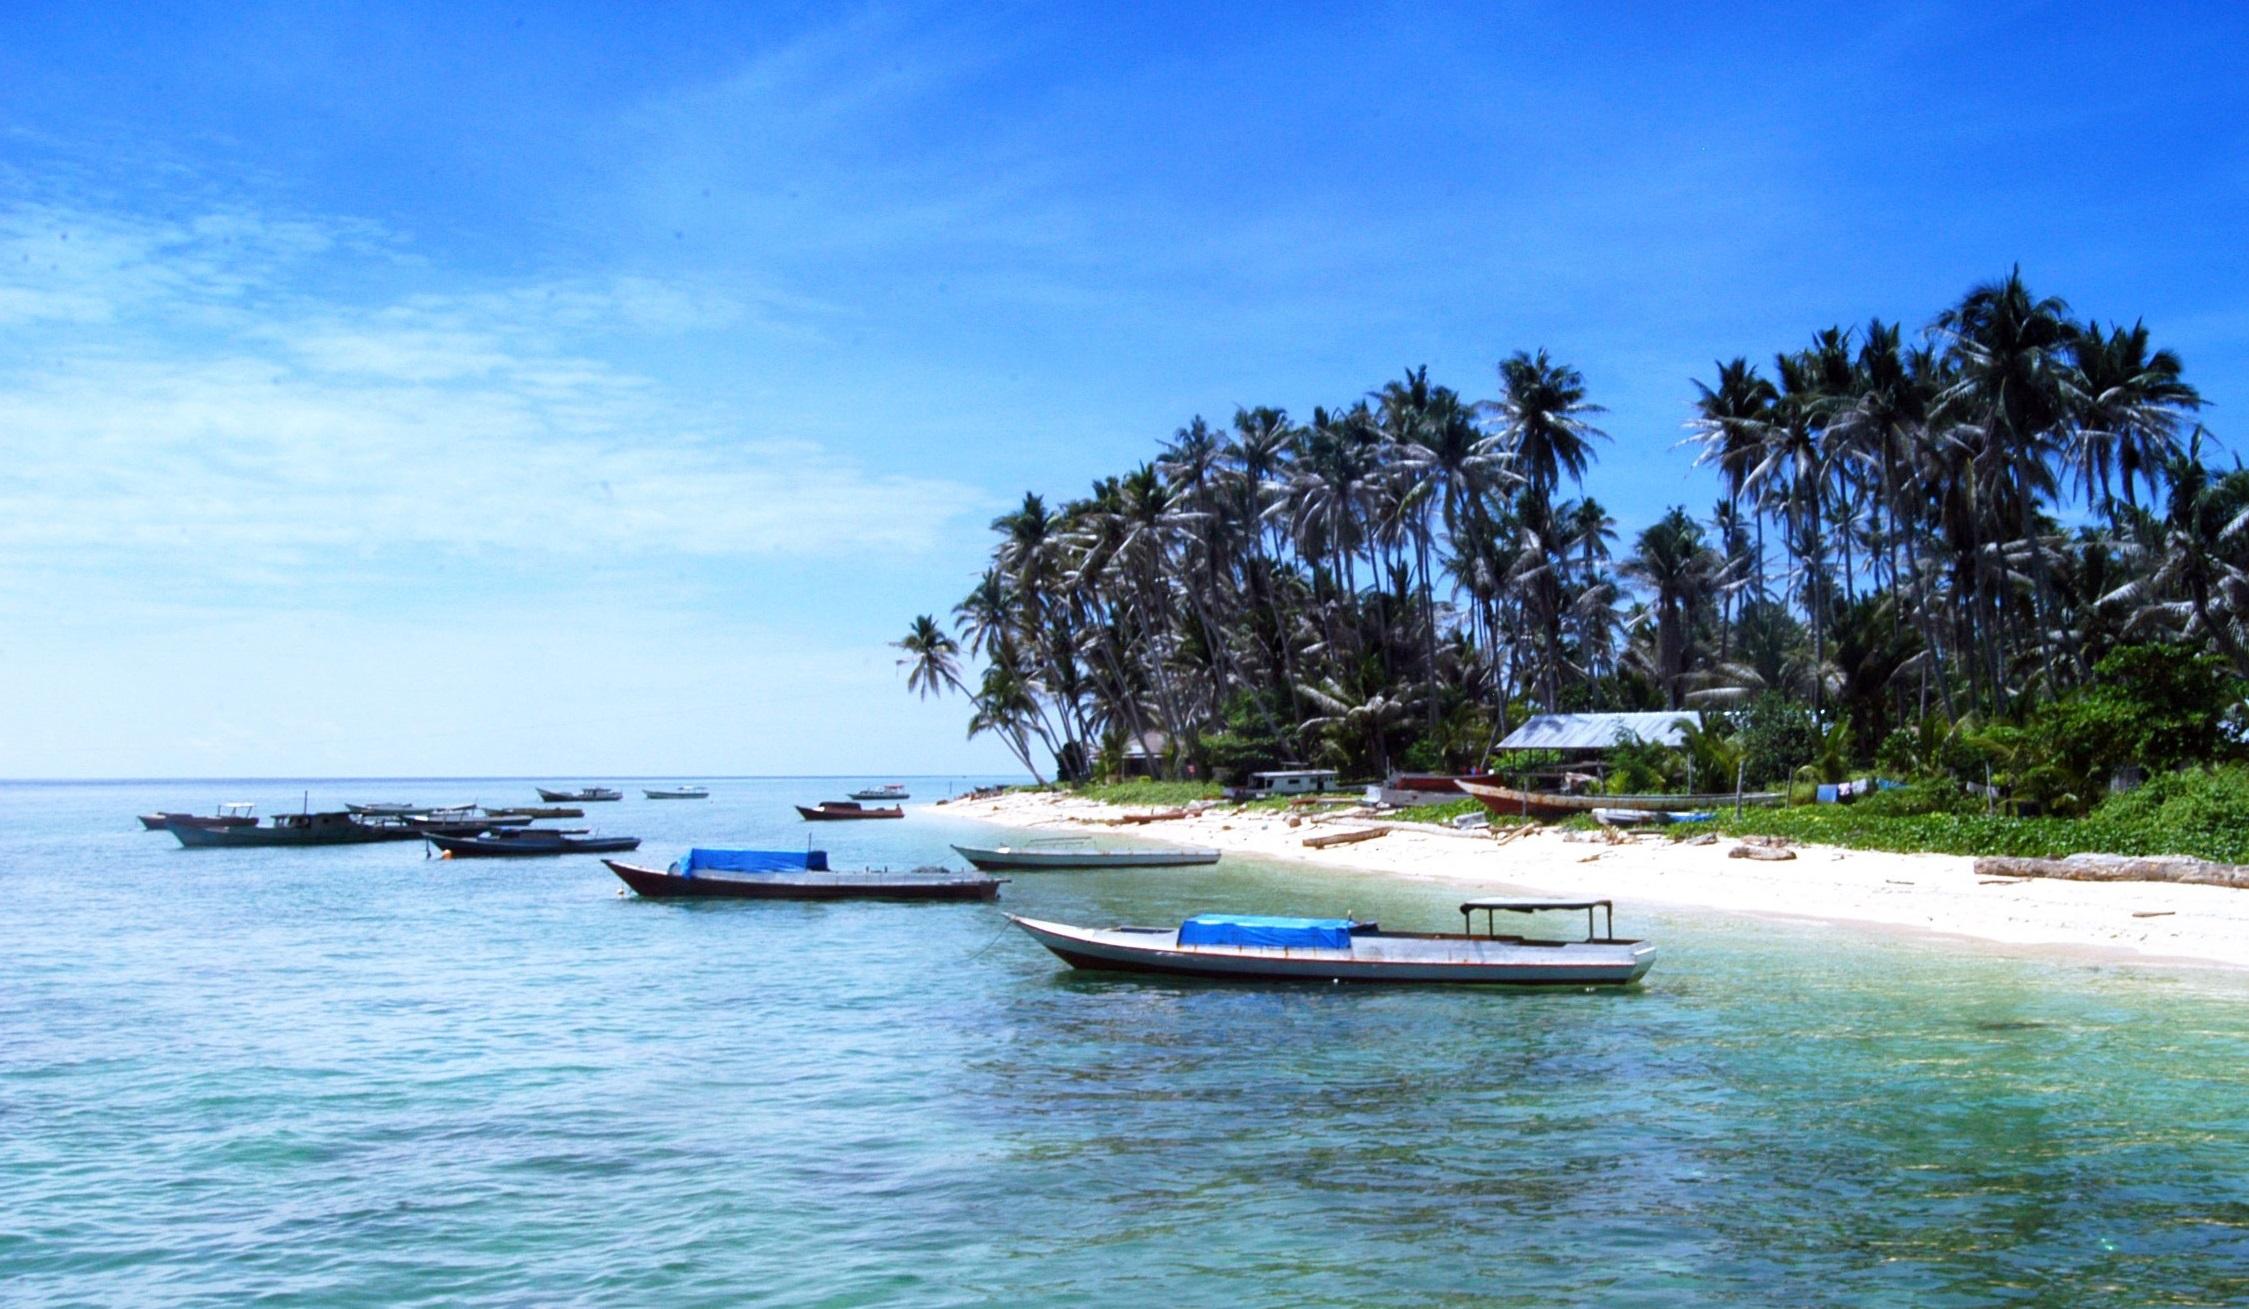 derawan marine park in east kalimantan